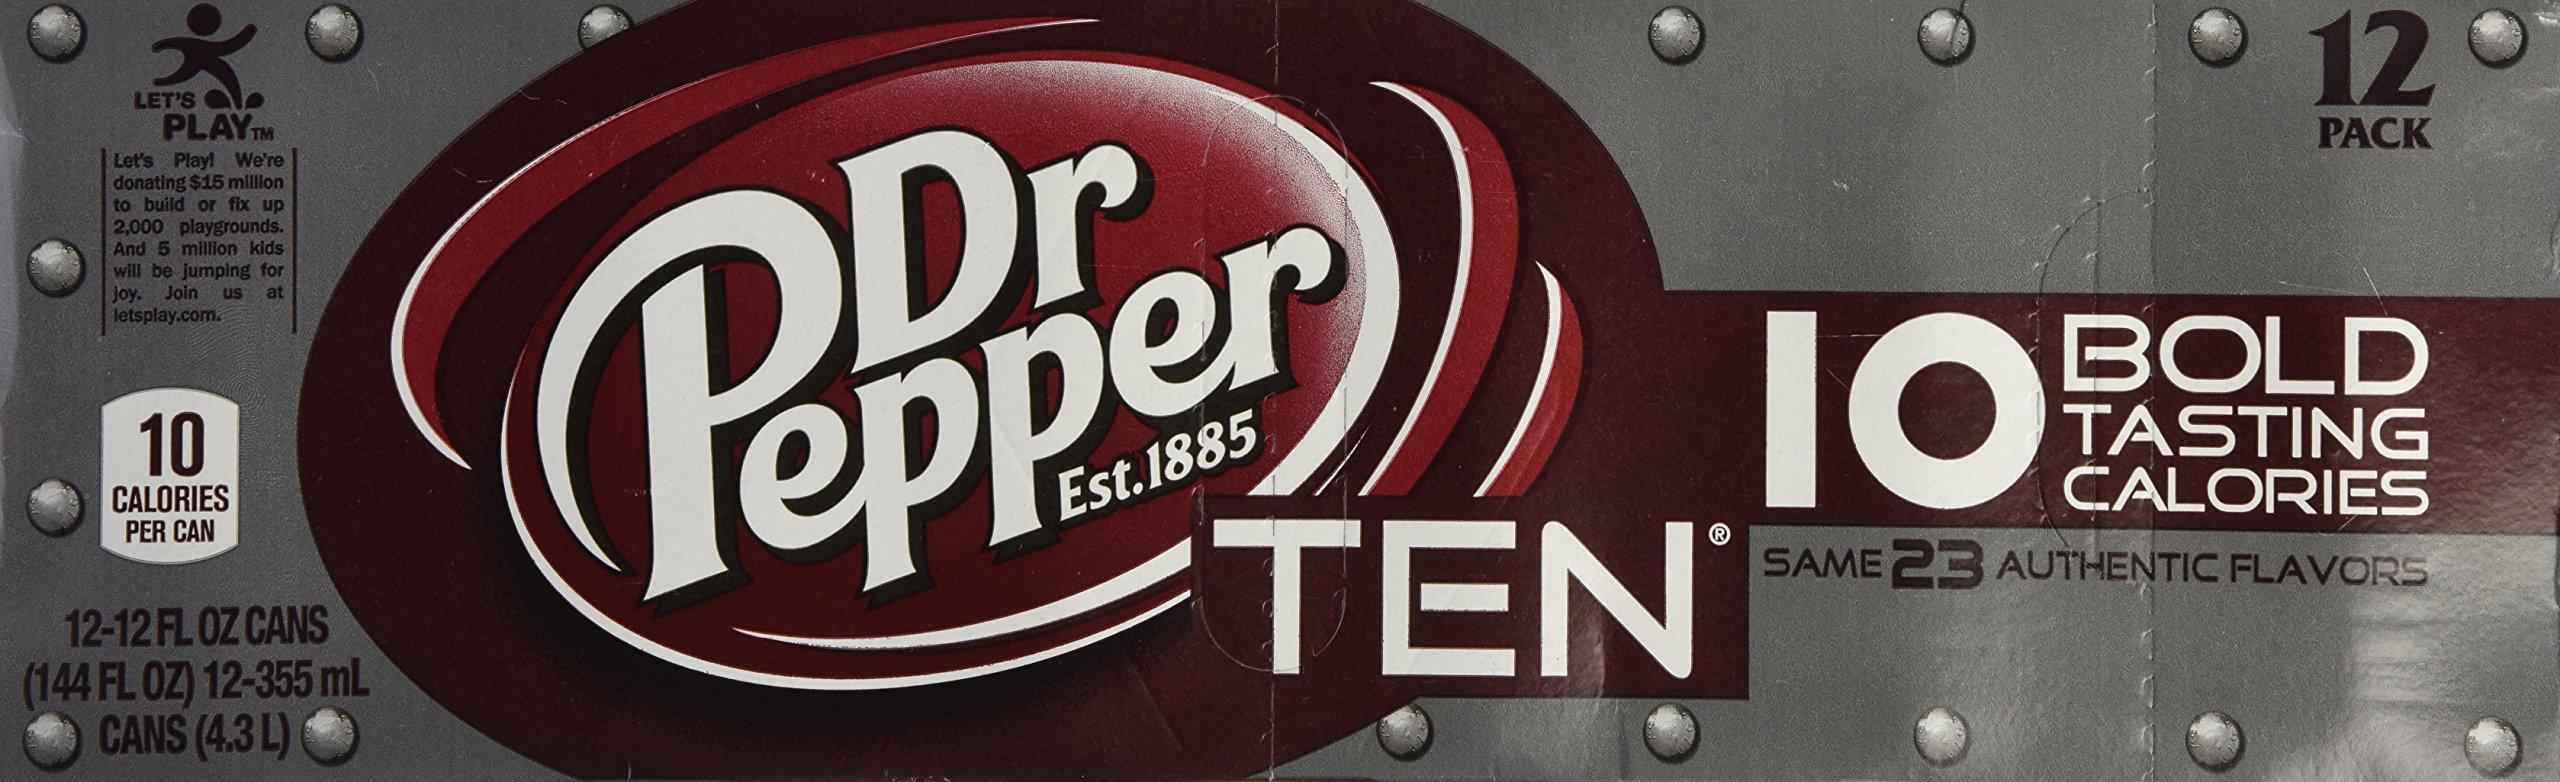 Dr. Pepper TEN soda pop, 12-pack fridge pack, 12-ounce cans